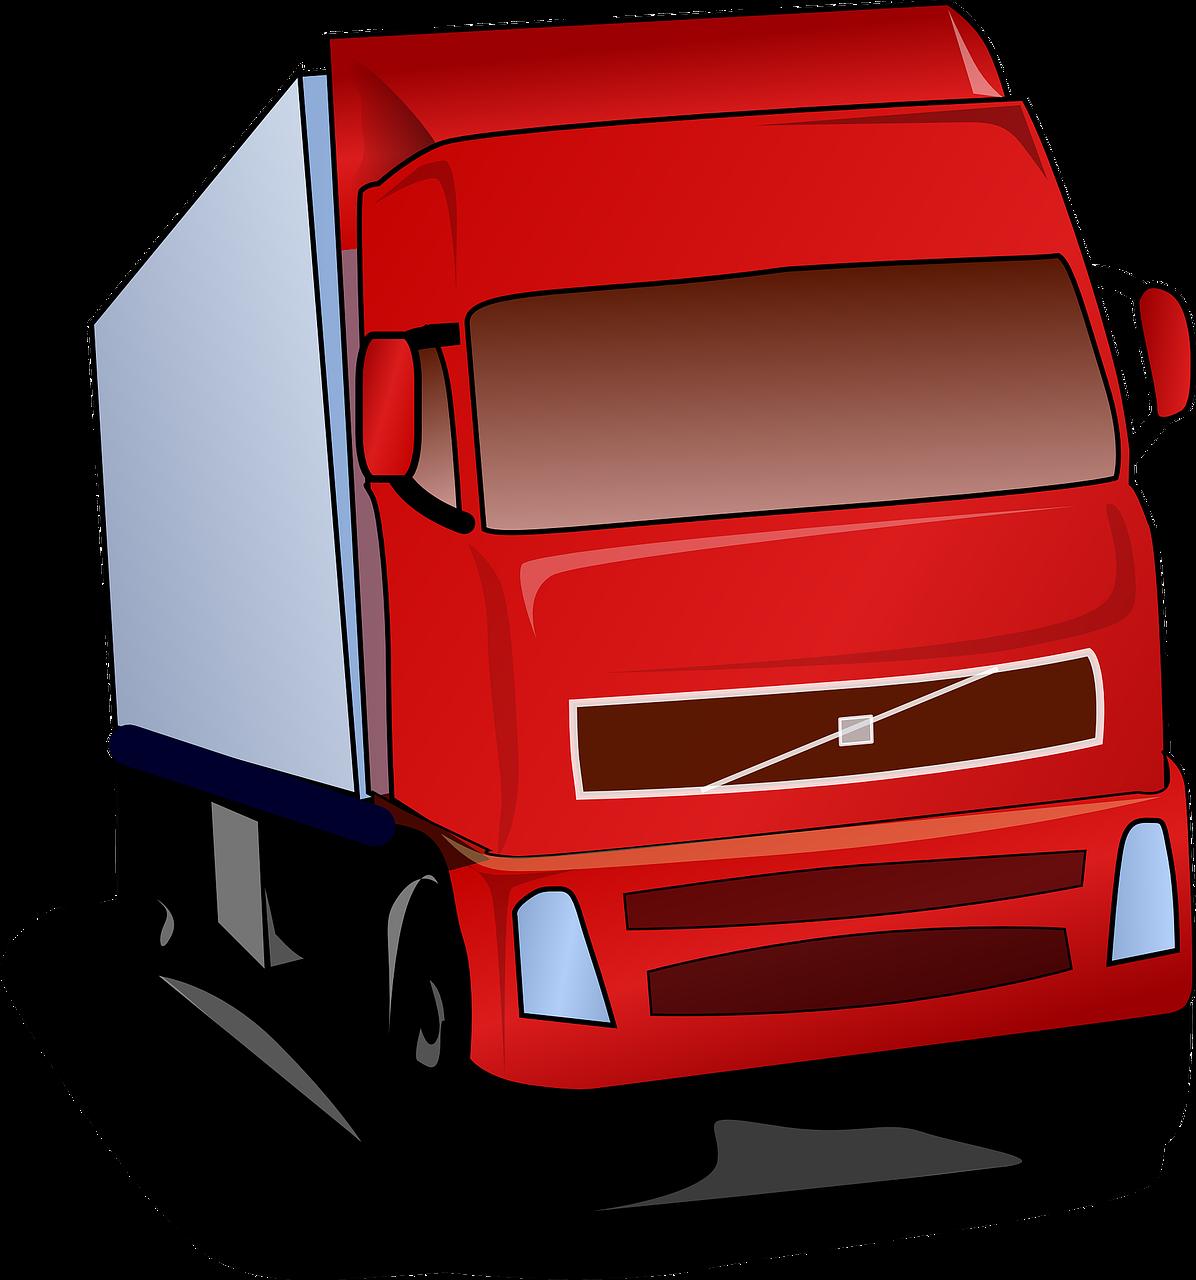 так называется грузовик картинка в профиль всего